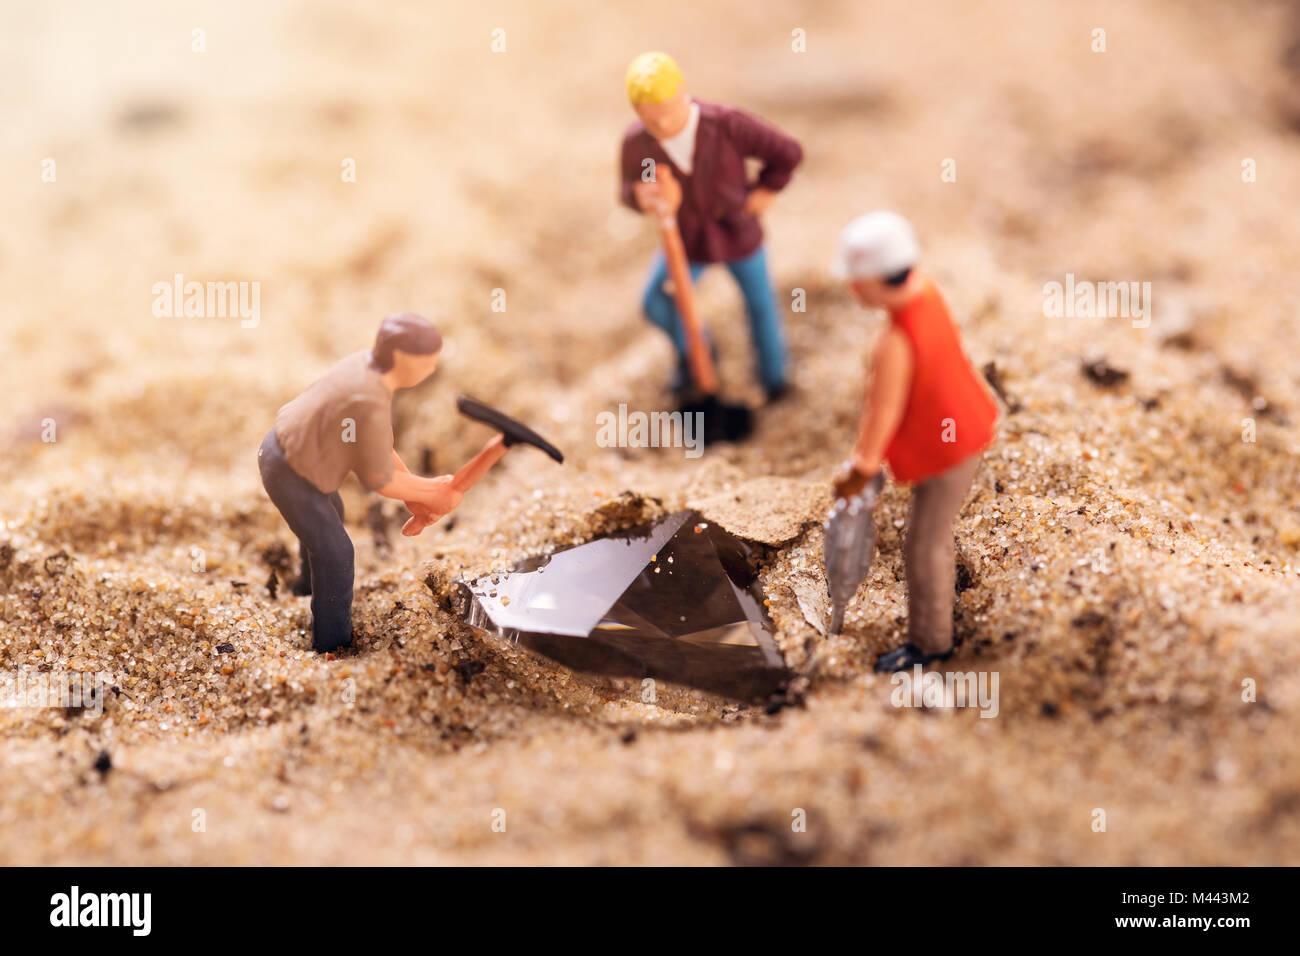 La minería del diamante y el concepto de búsqueda del tesoro Imagen De Stock